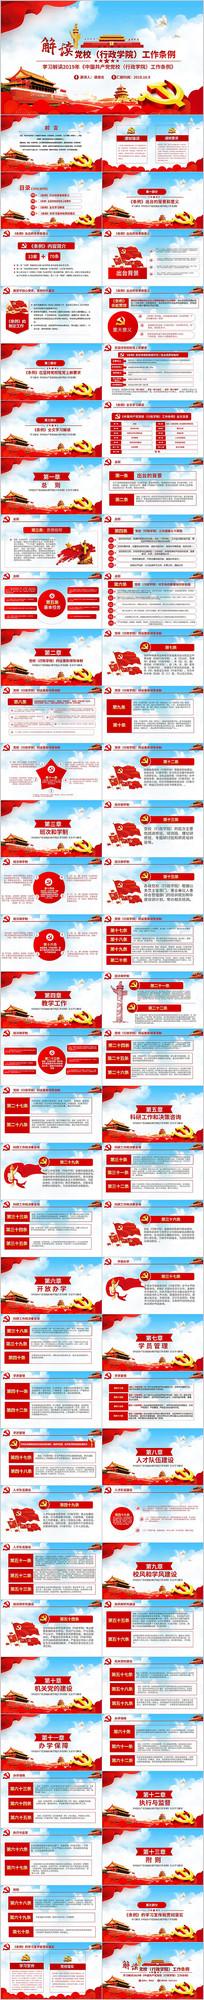 中国共产党党校行政学院工作条例学习PPT